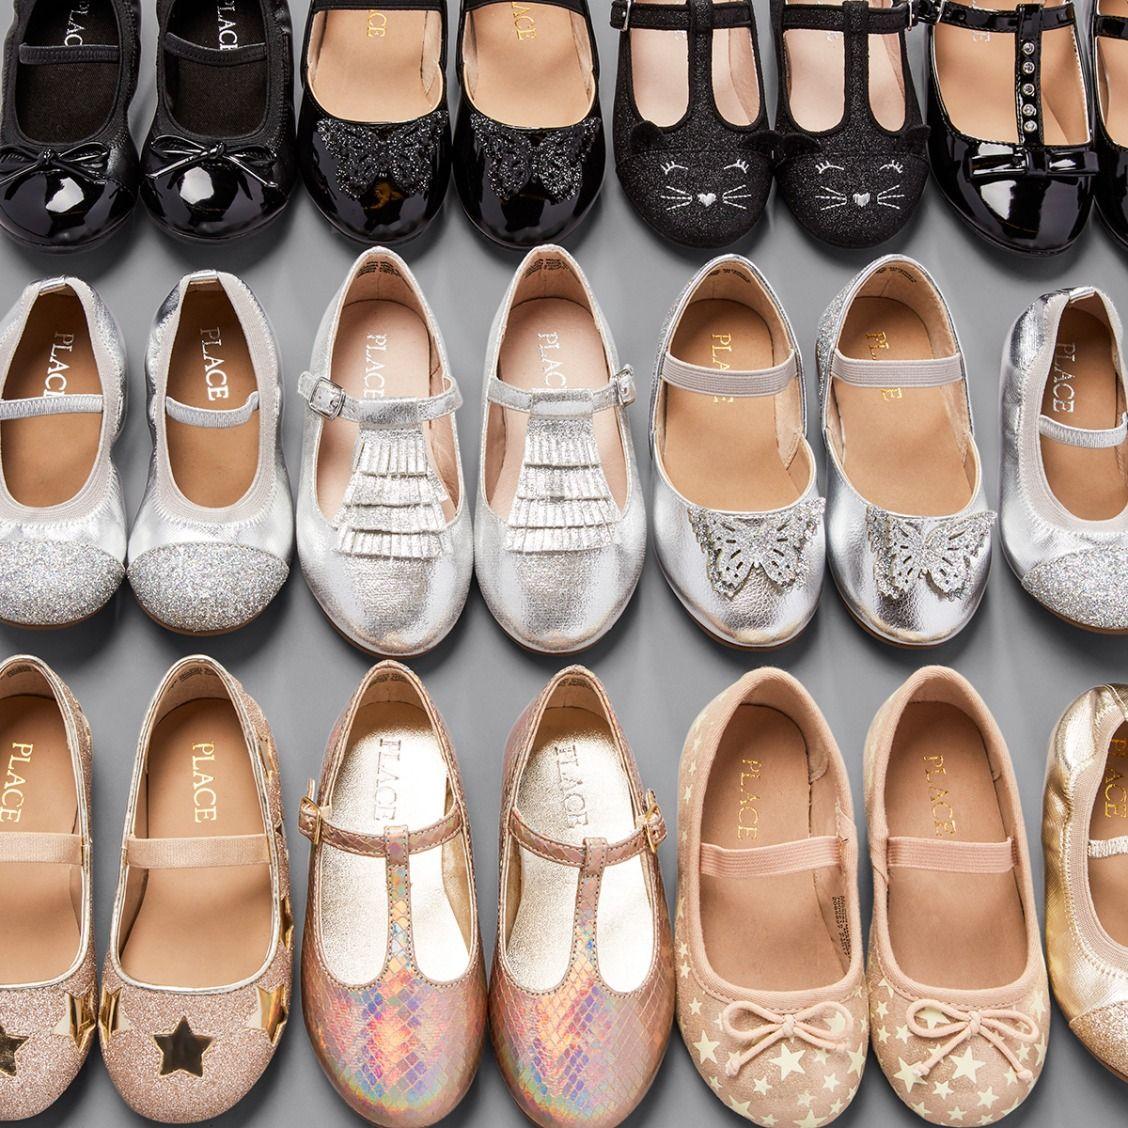 Girls' fashion   Kids' shoes   Flats